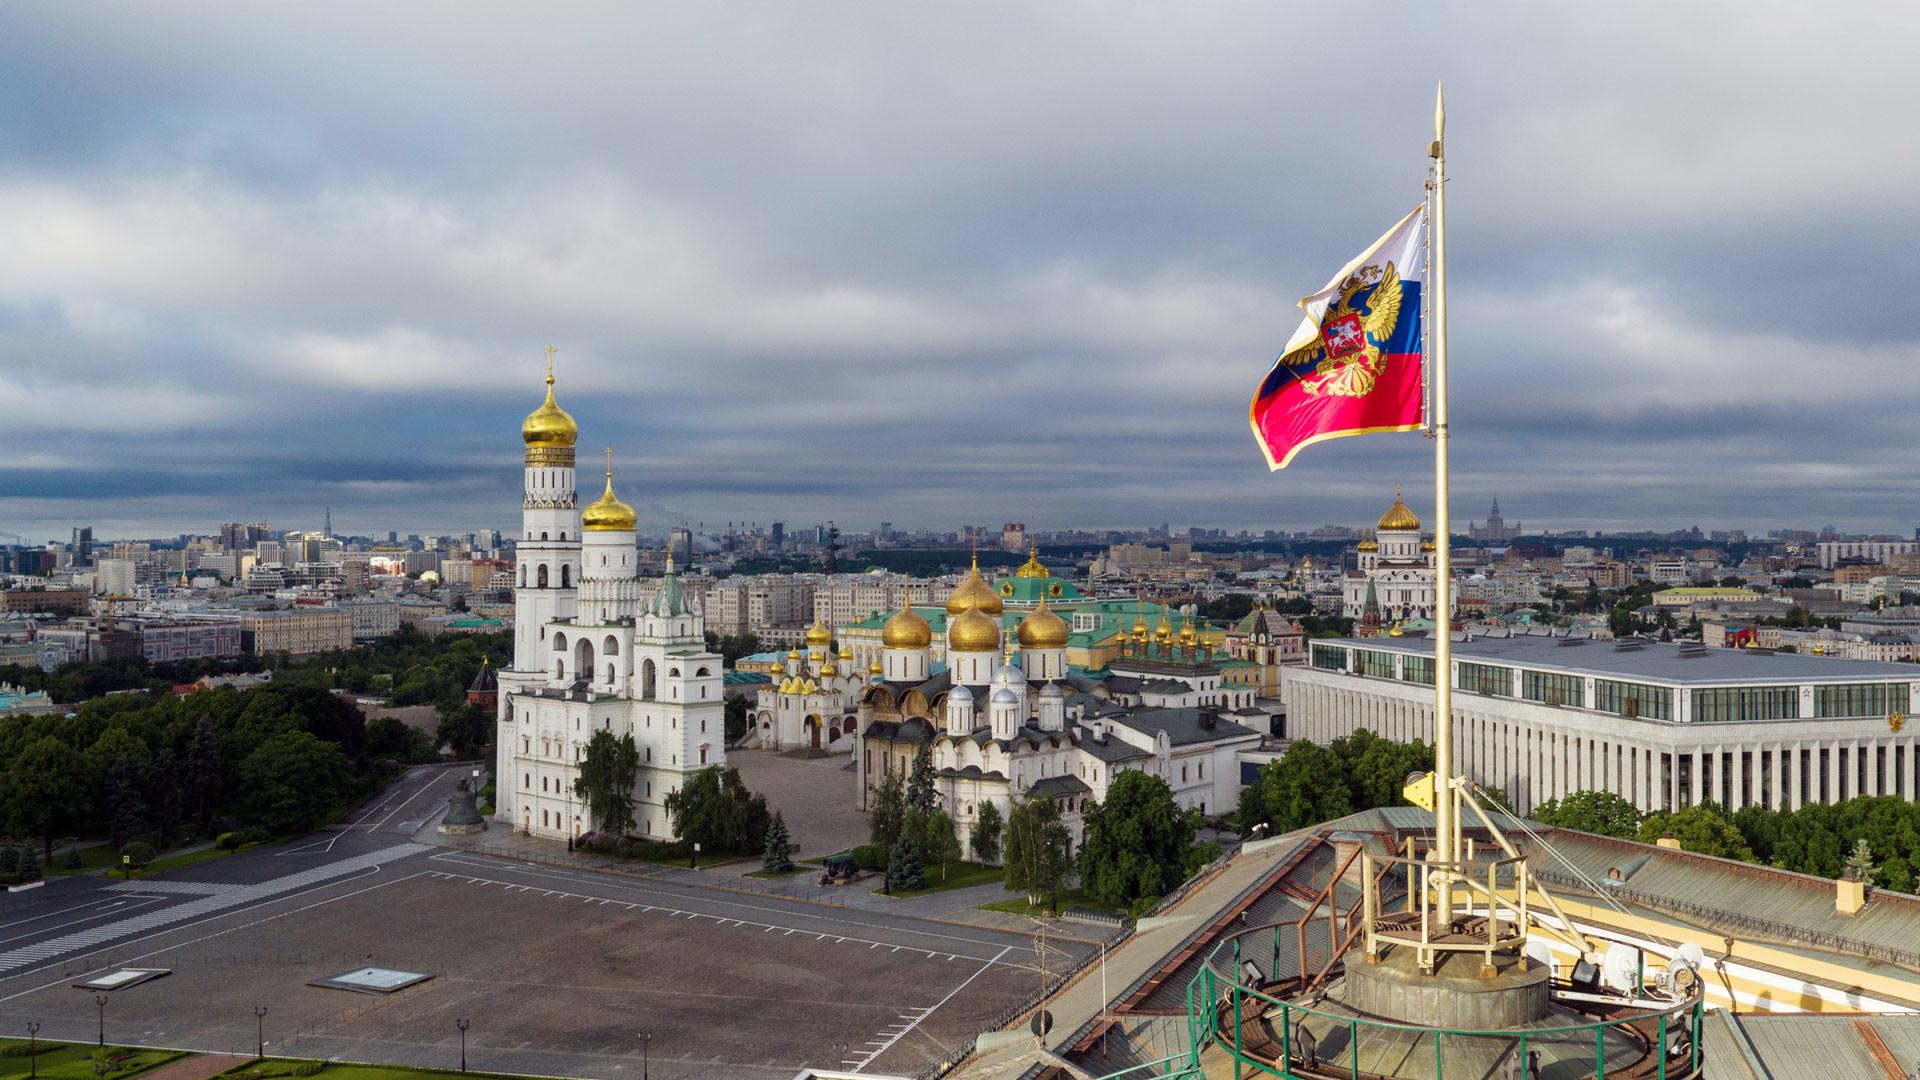 Фото: © РИА Новости/Алексей Дружинин